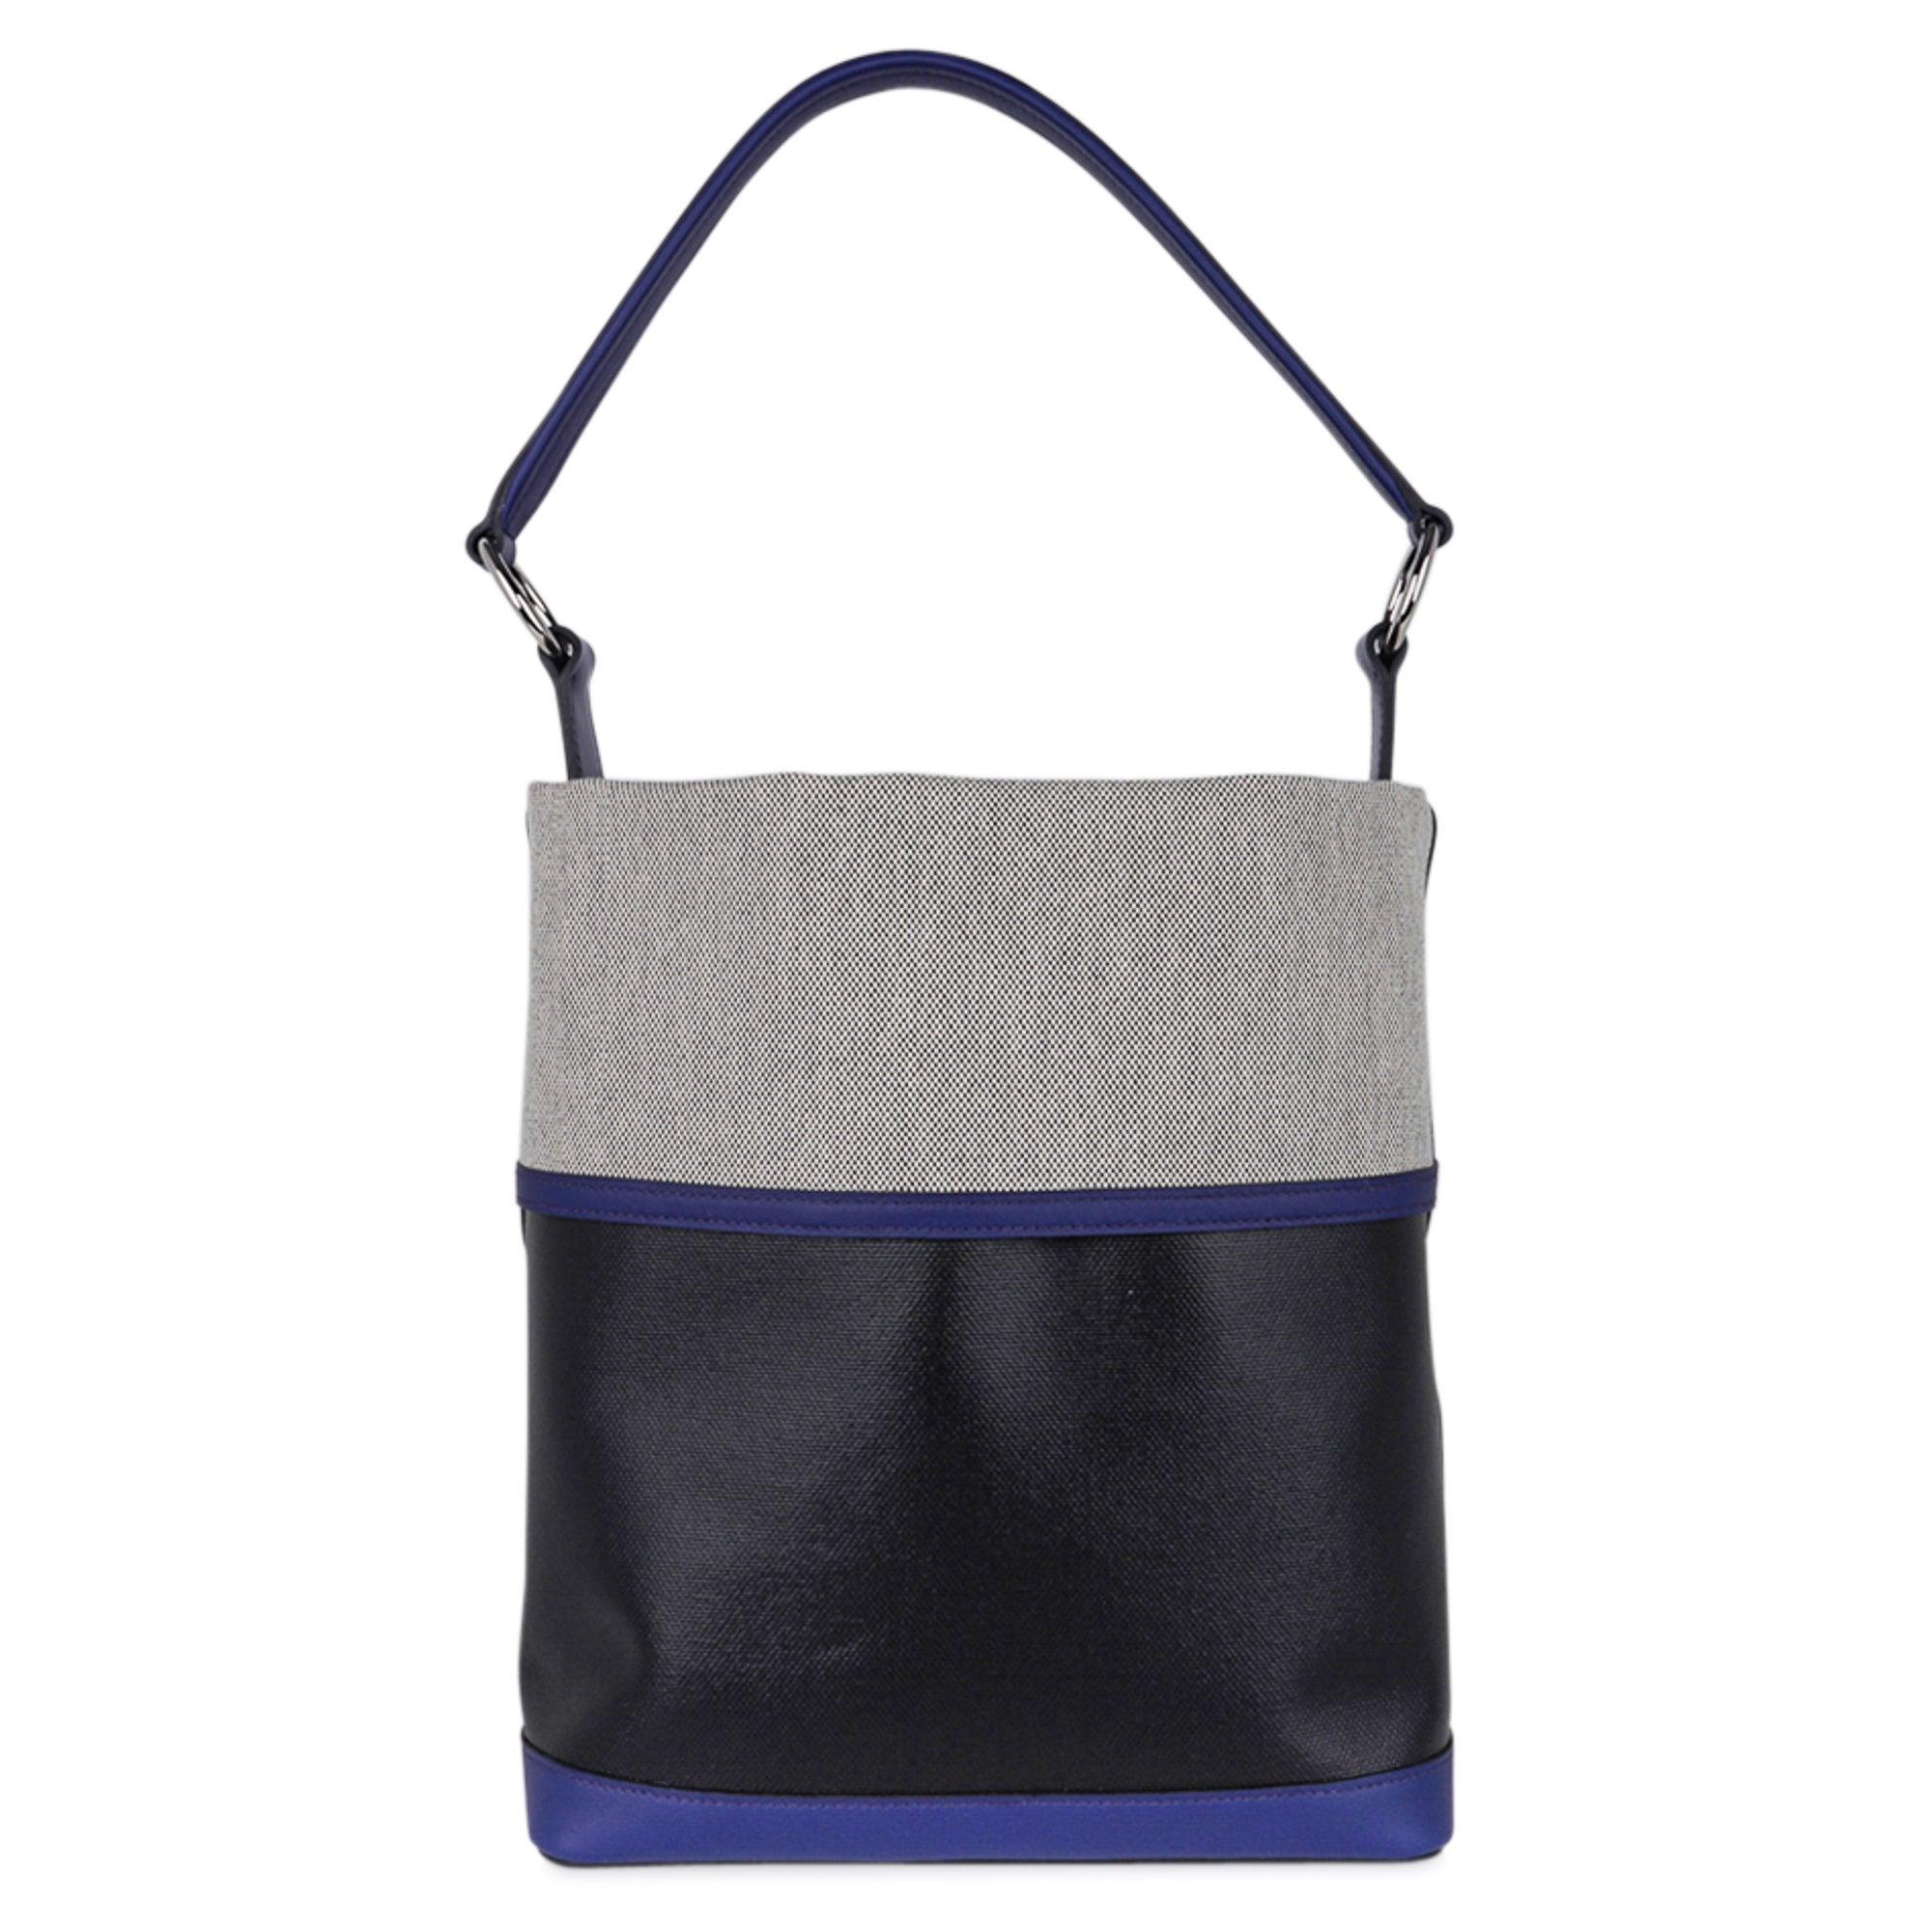 Hermes Bag Col Roule Noir Toile Berline / Bleu Saphir/ Toile Tote New